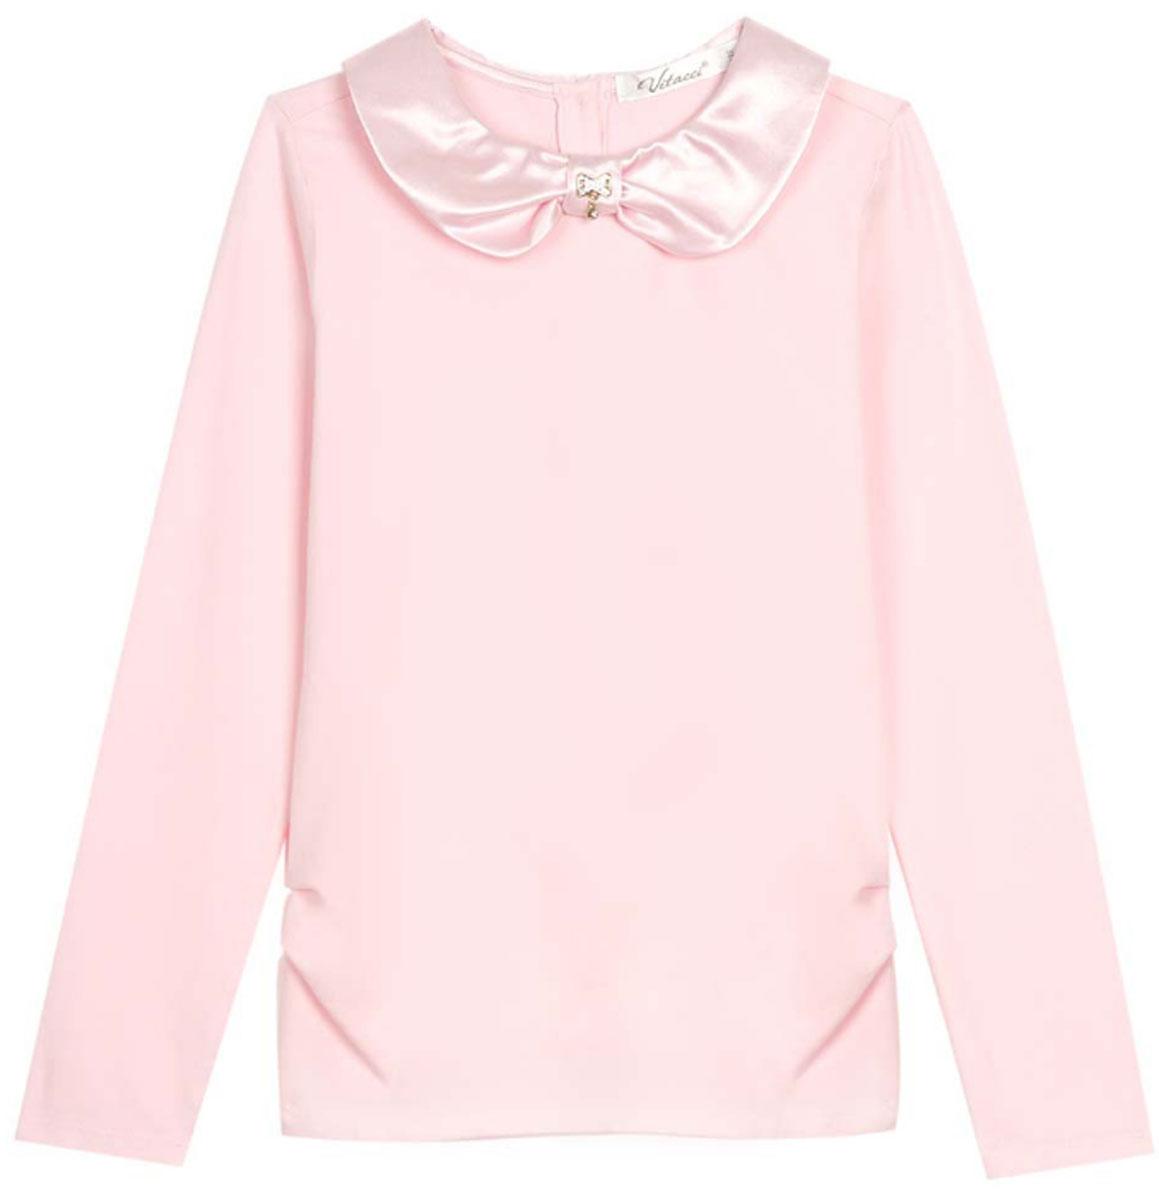 Блузка для девочки Vitacci, цвет: розовый. 2173007-11. Размер 1402173007-11Школьная блузка для девочки от Vitacci выполнена из эластичного хлопкового трикотажа. Модель с длинными рукавами и отложным атласным воротничком на спинке застегивается на пуговицы.